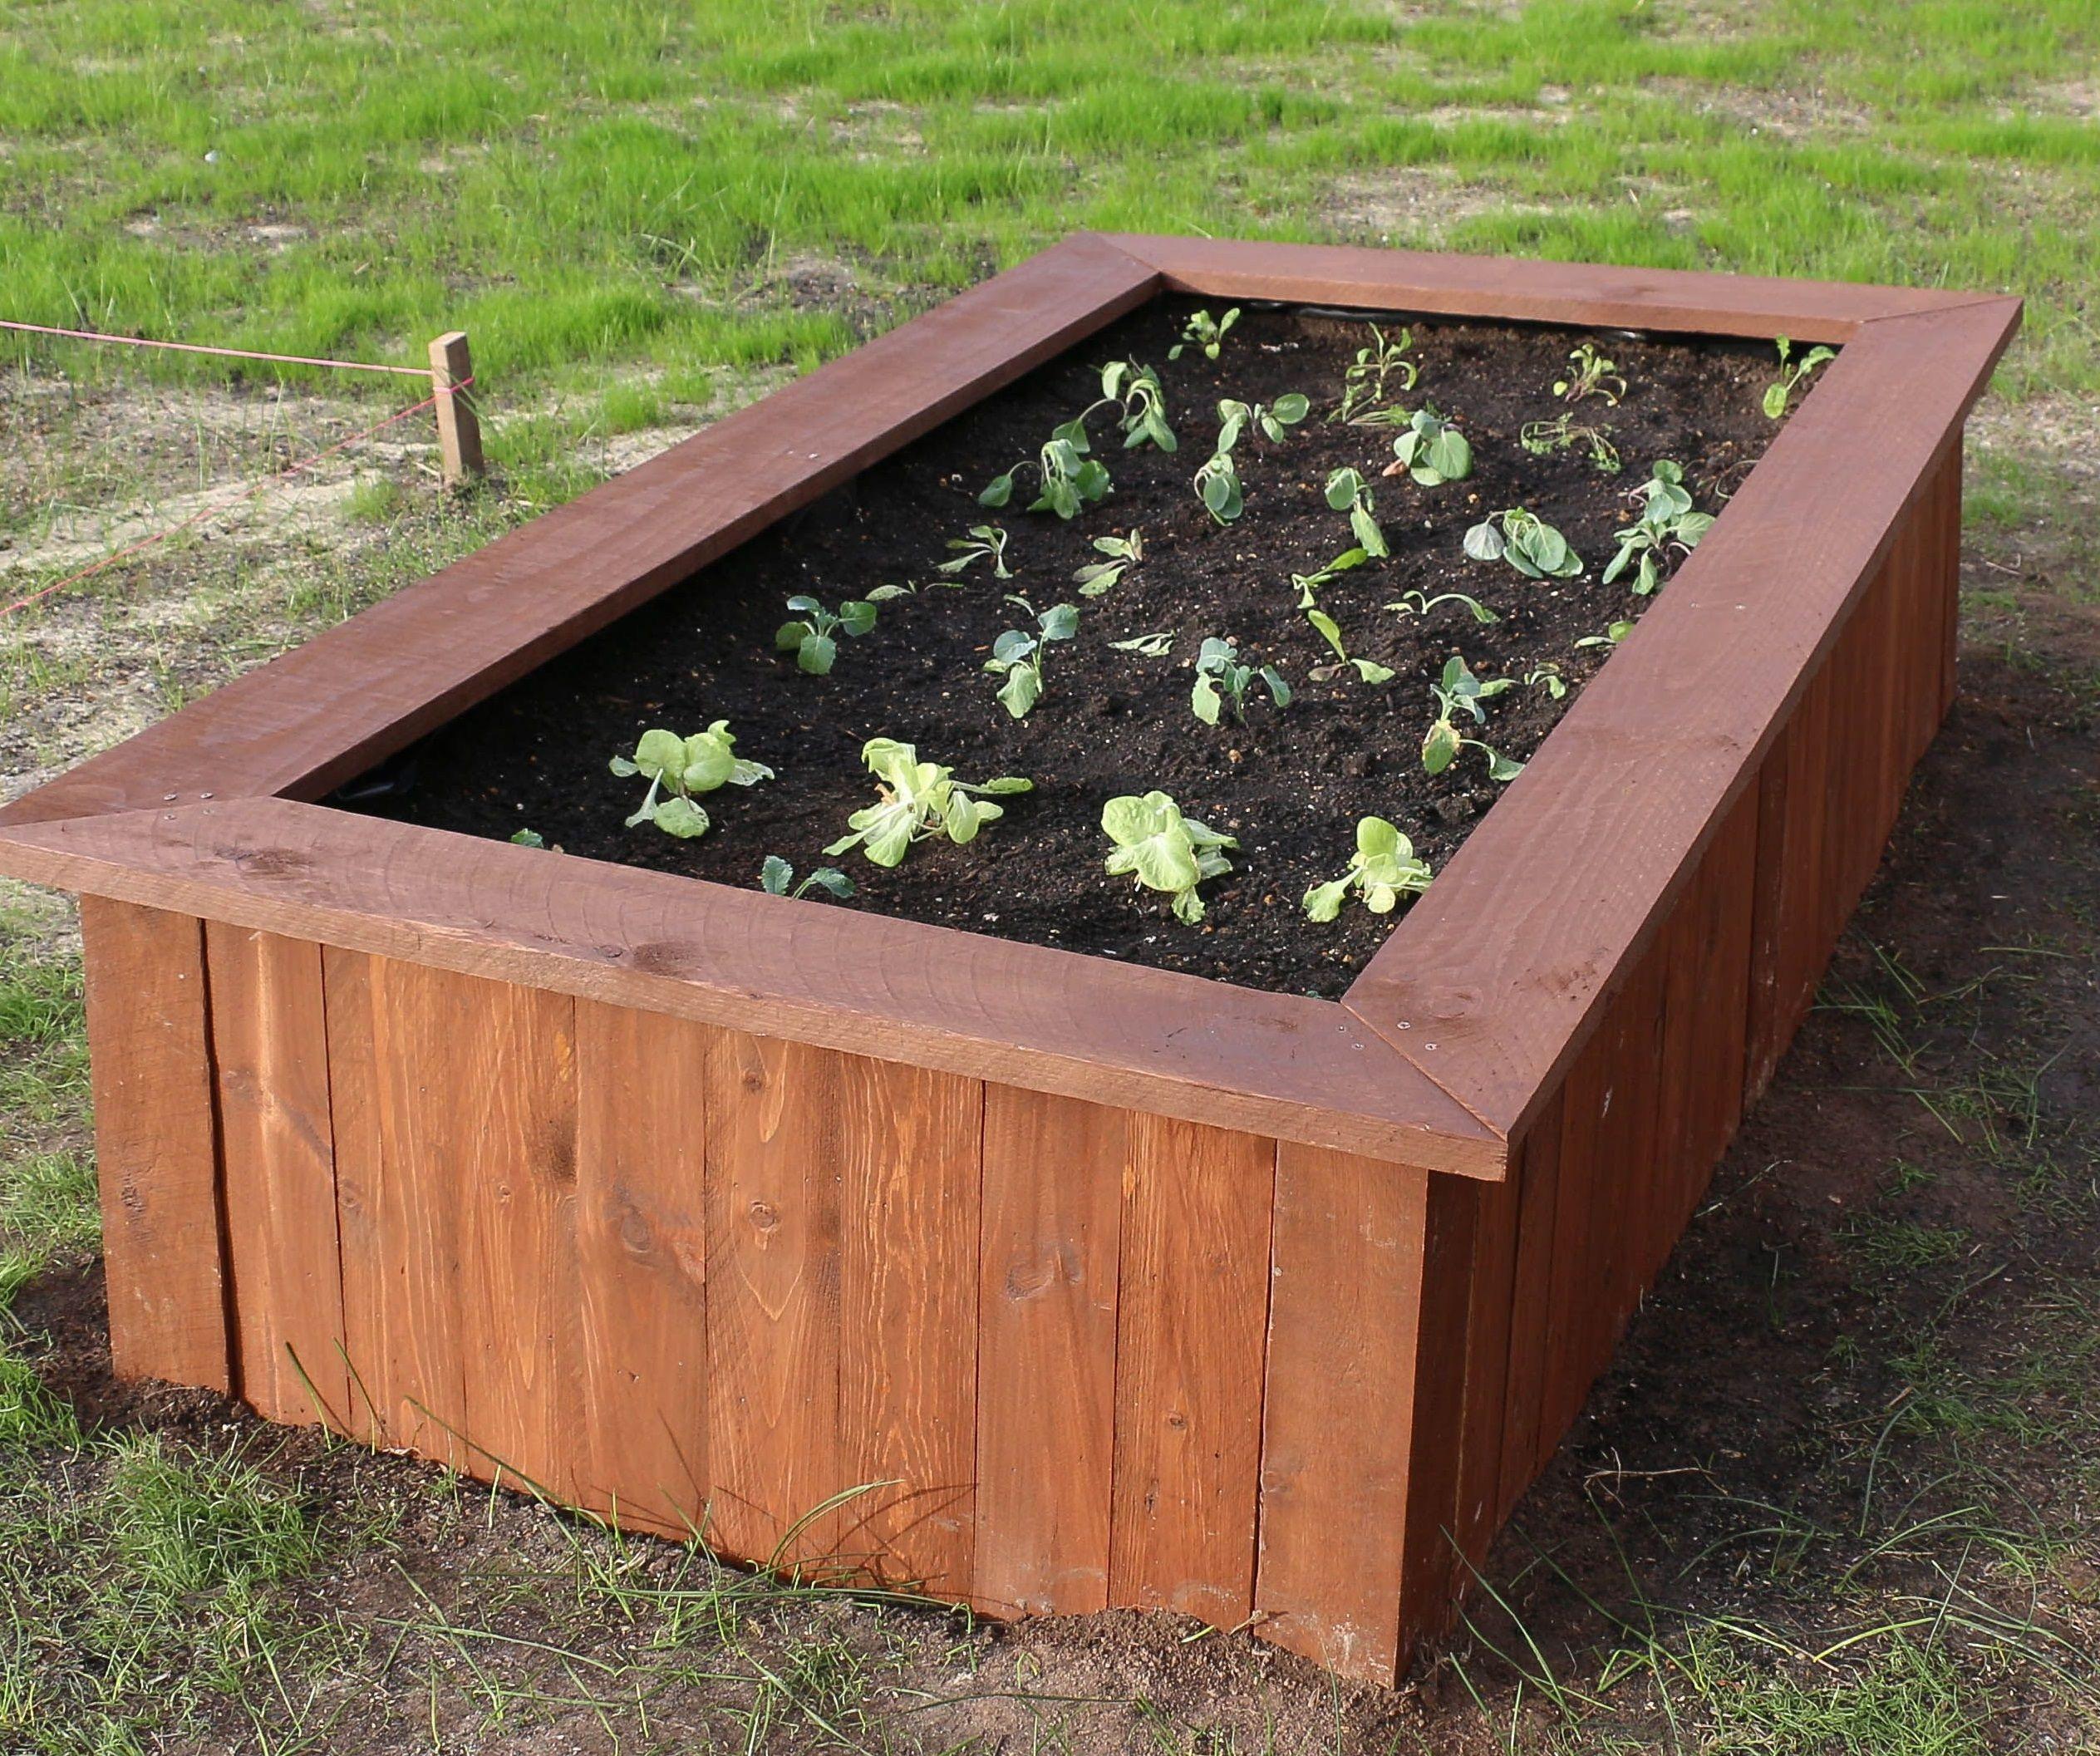 Top 10 Most Popular Raised Garden Beds